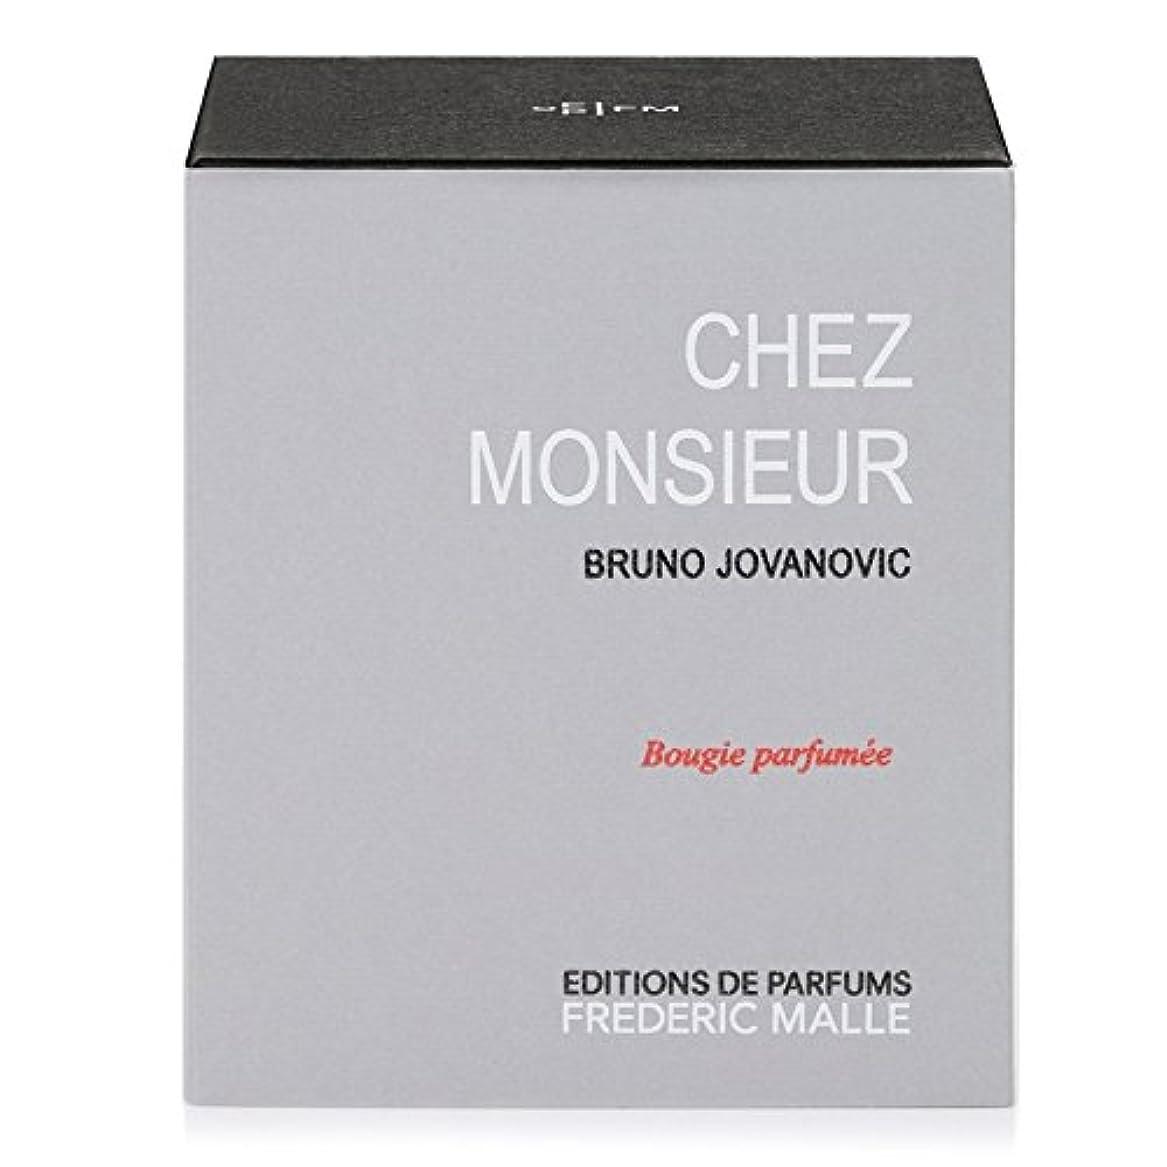 奴隷ブレス下位フレデリック?マルシェムッシュ香りのキャンドル220グラム x6 - Frederic Malle Chez Monsieur Scented Candle 220g (Pack of 6) [並行輸入品]